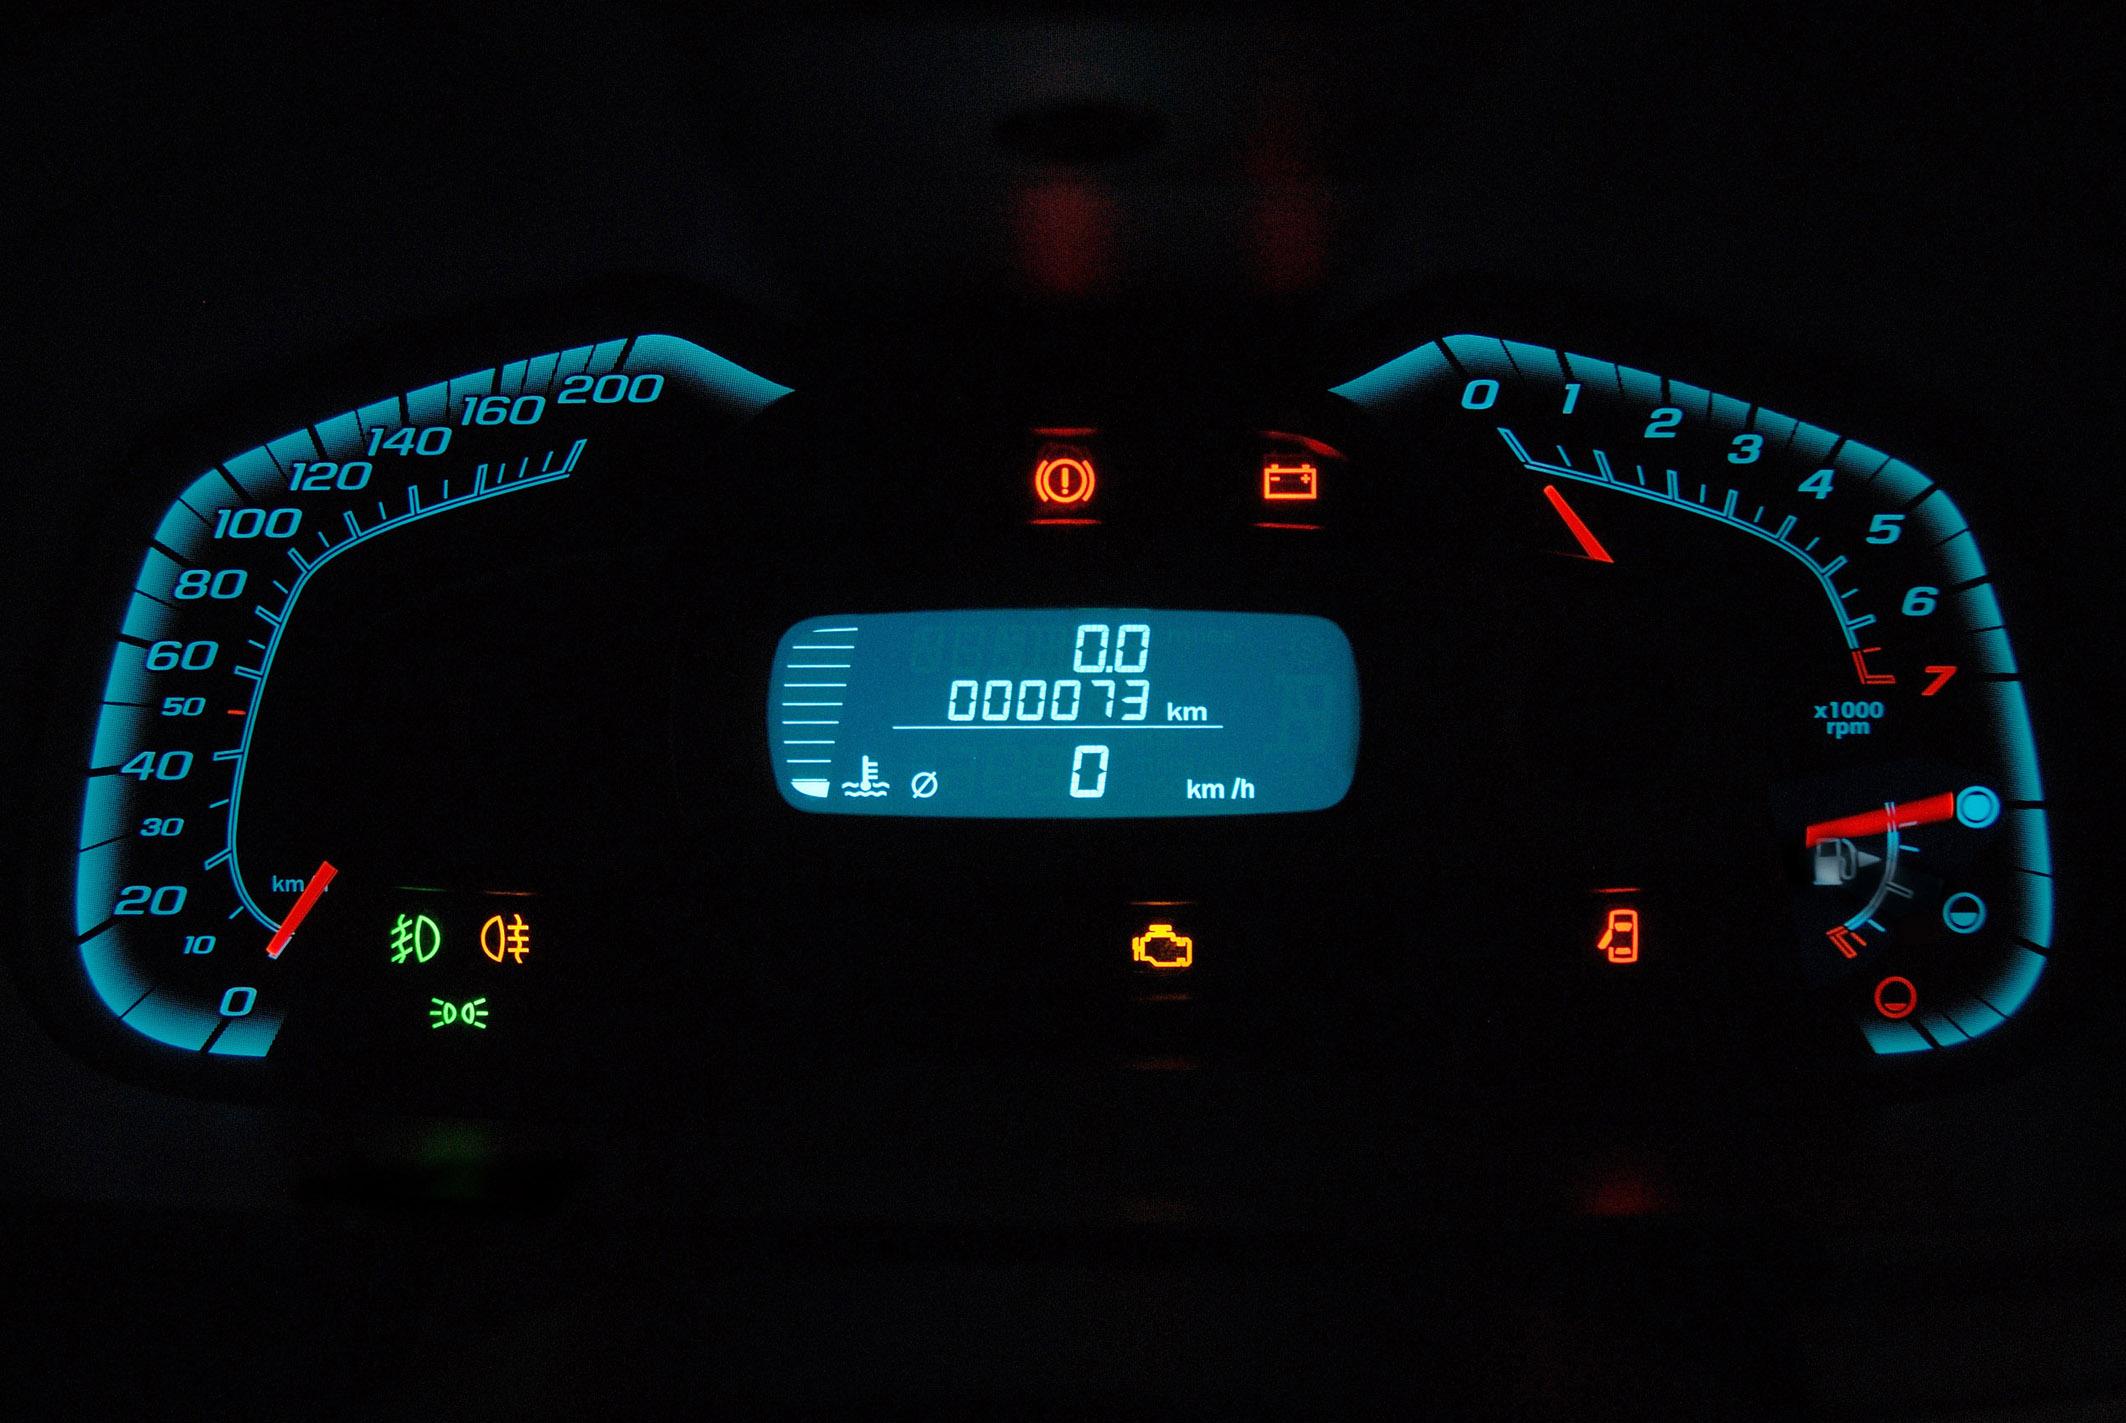 #066A85 Chevrolet divulga novos detalhes e imagens do Agile All The Cars  1440 Rodas De Aluminio Janela Quadrada